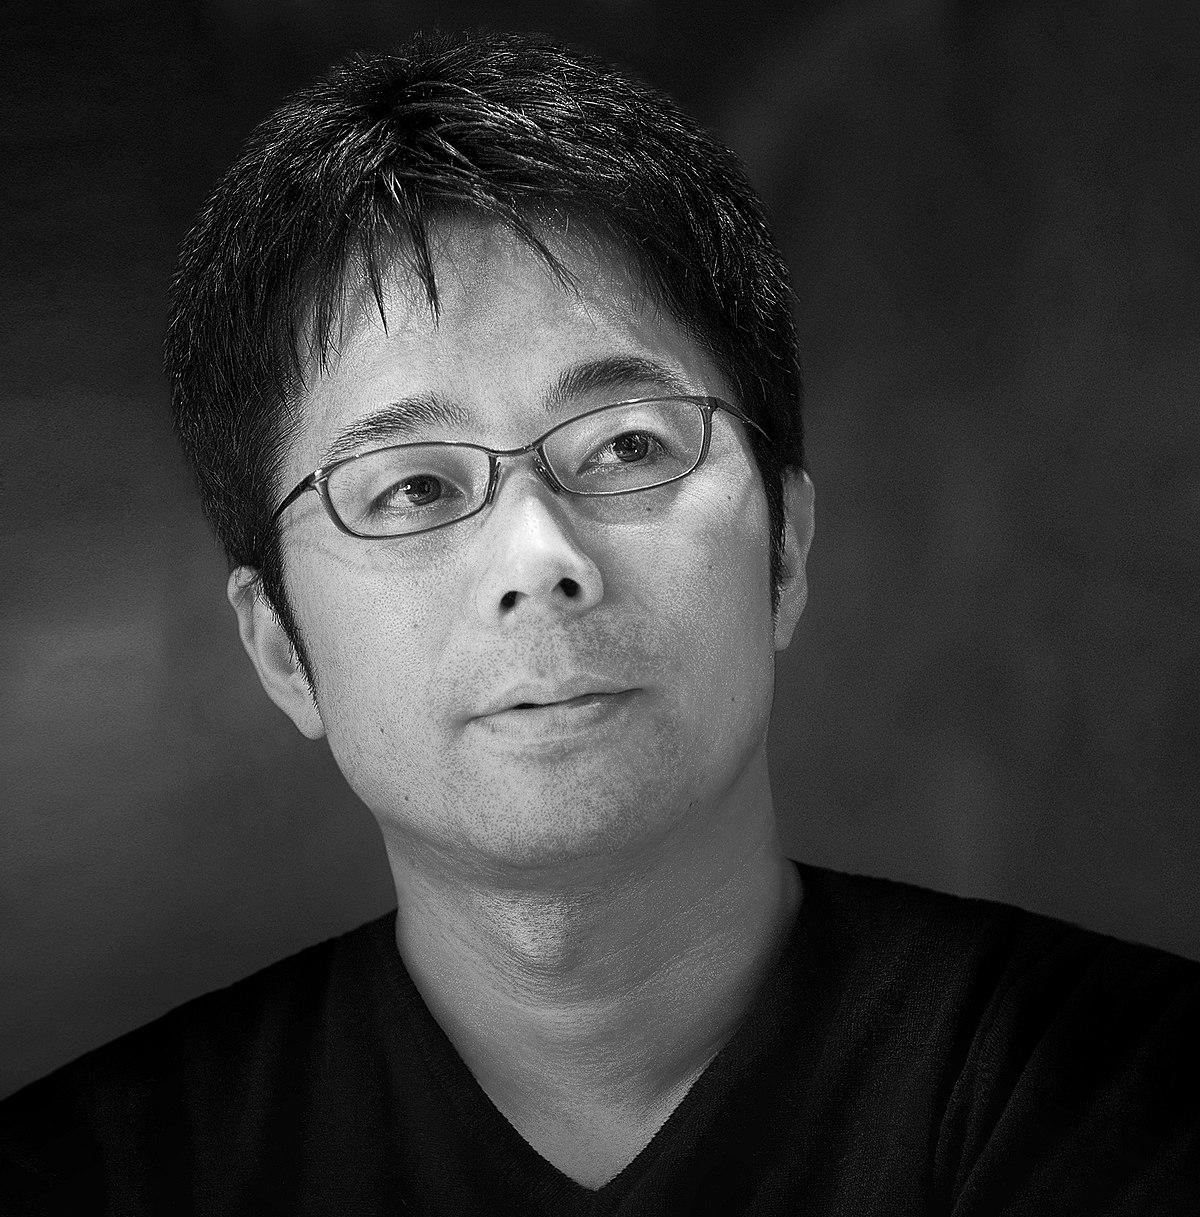 tokujin yoshioka wikipediaForTokujin Yoshioka